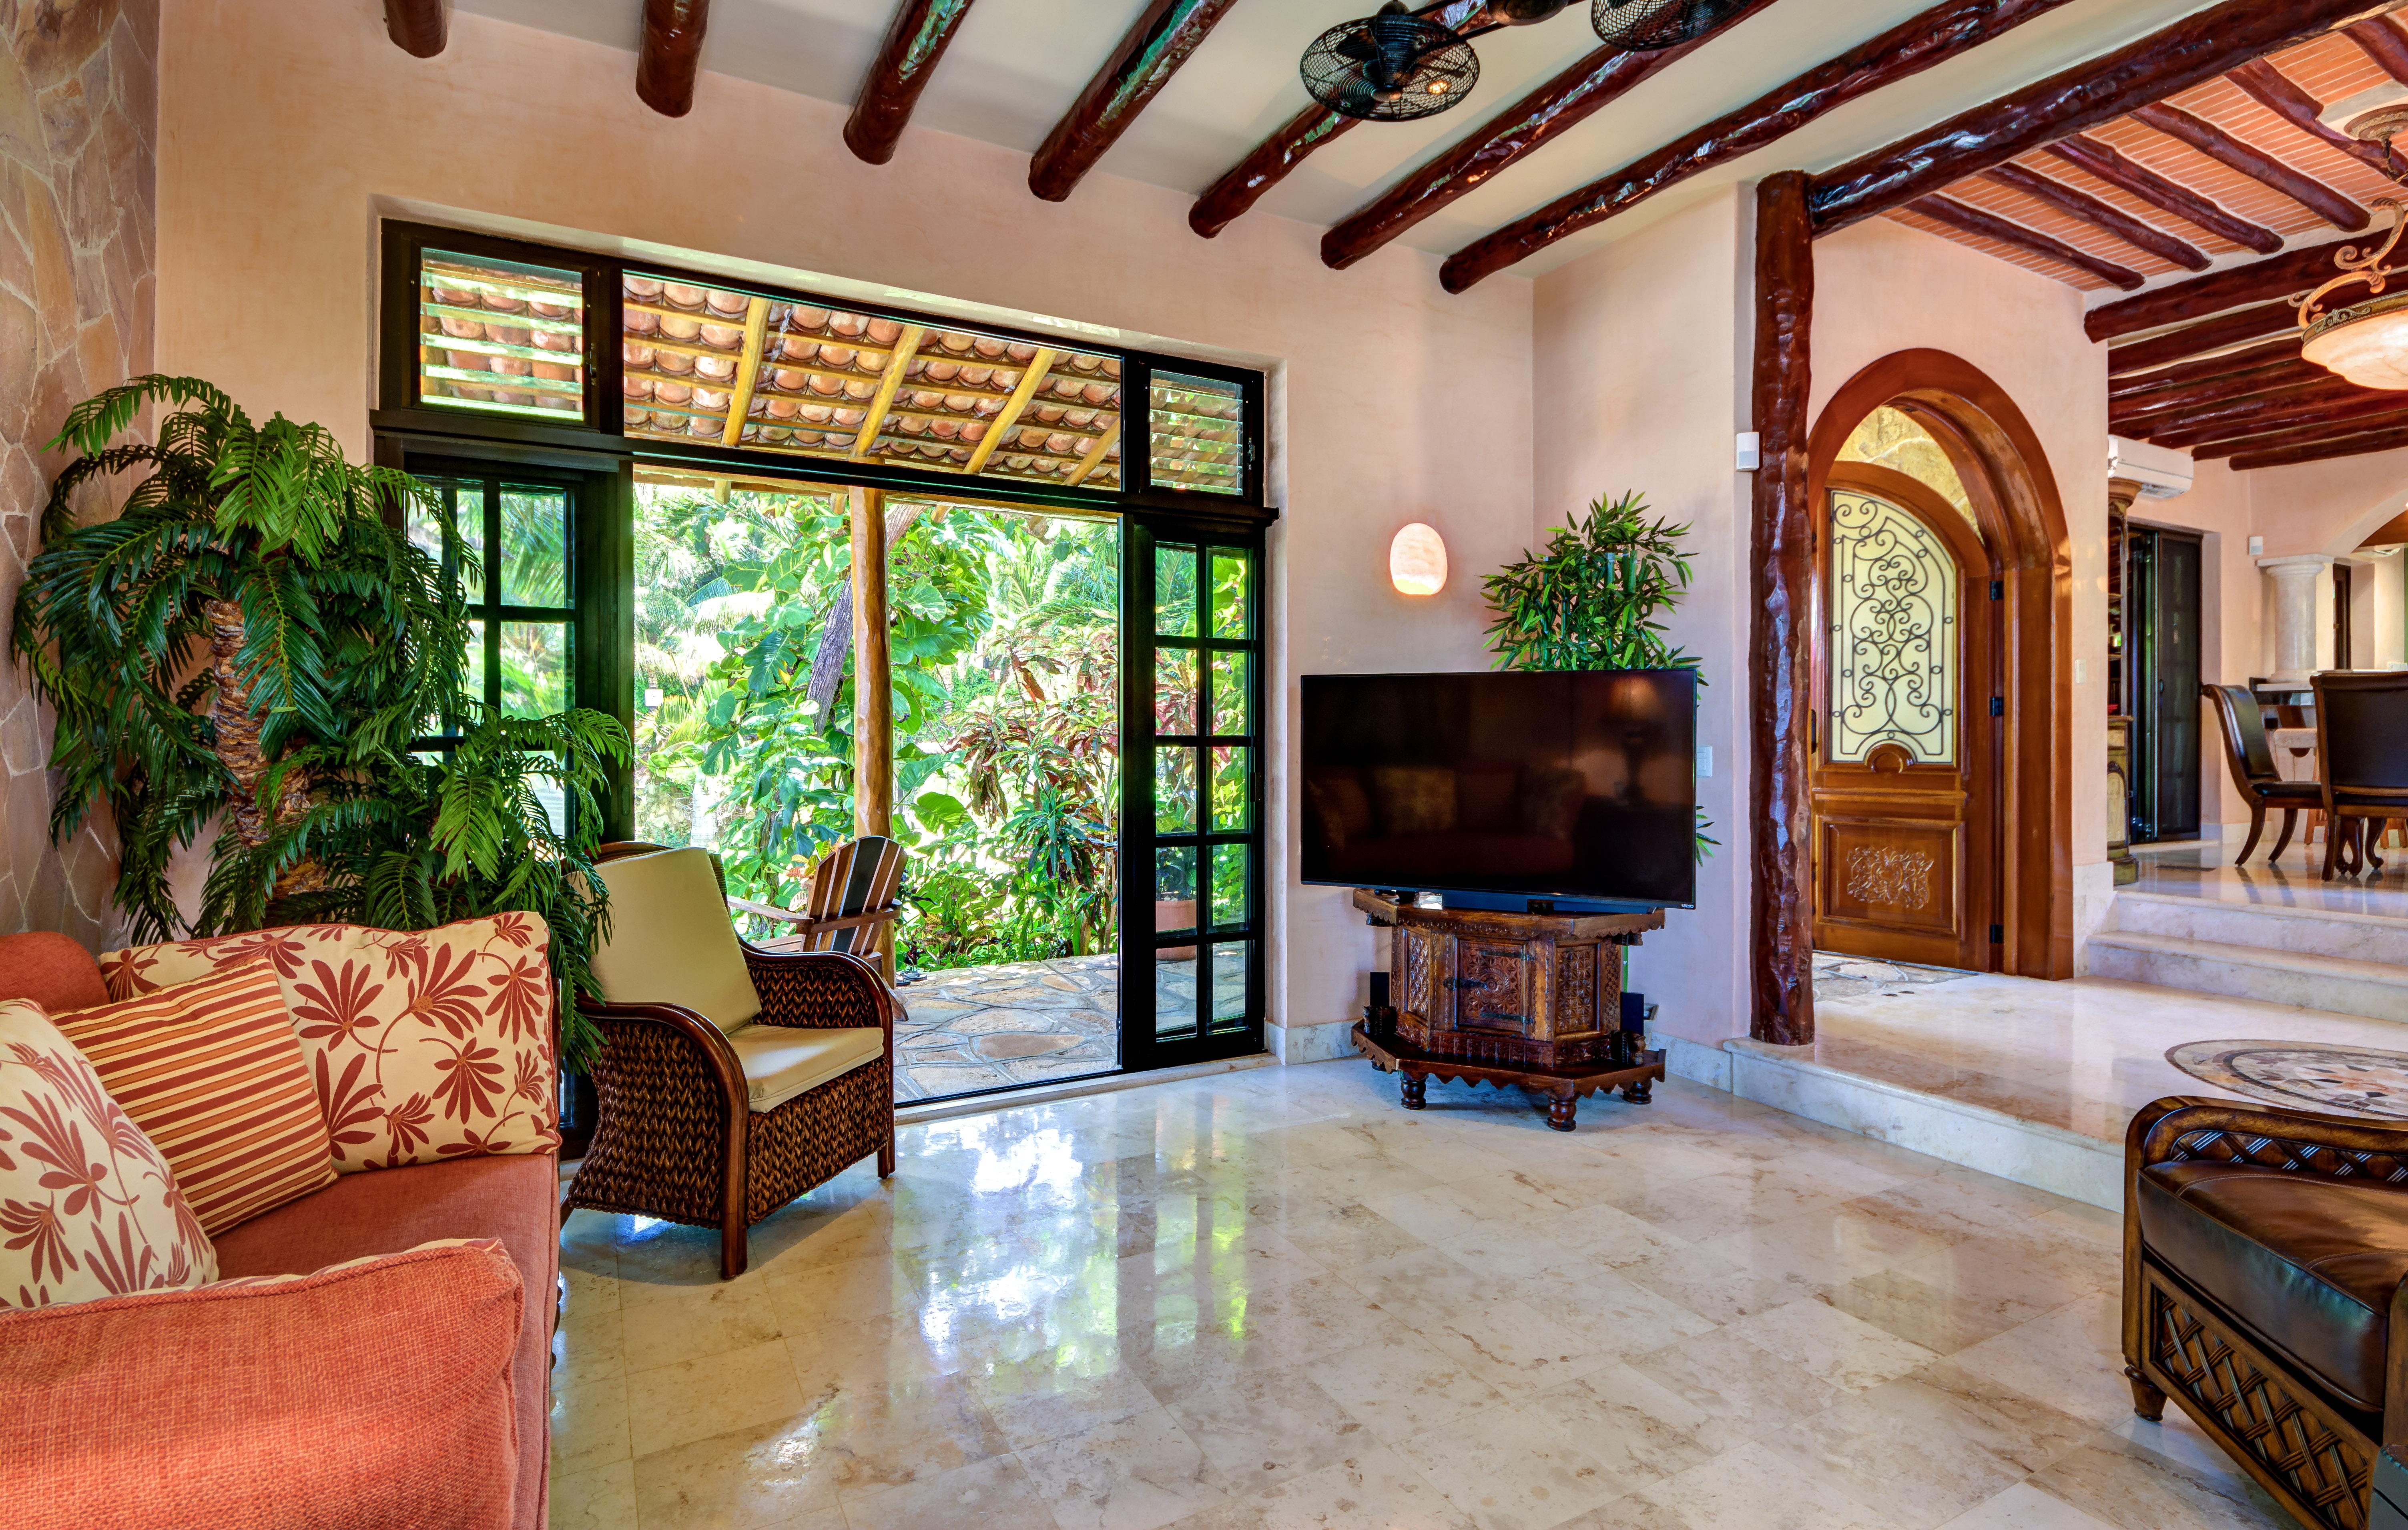 Casa_Juanita_yourescape_Playa_del_Carmen_Riviera_Maya_Mexico18